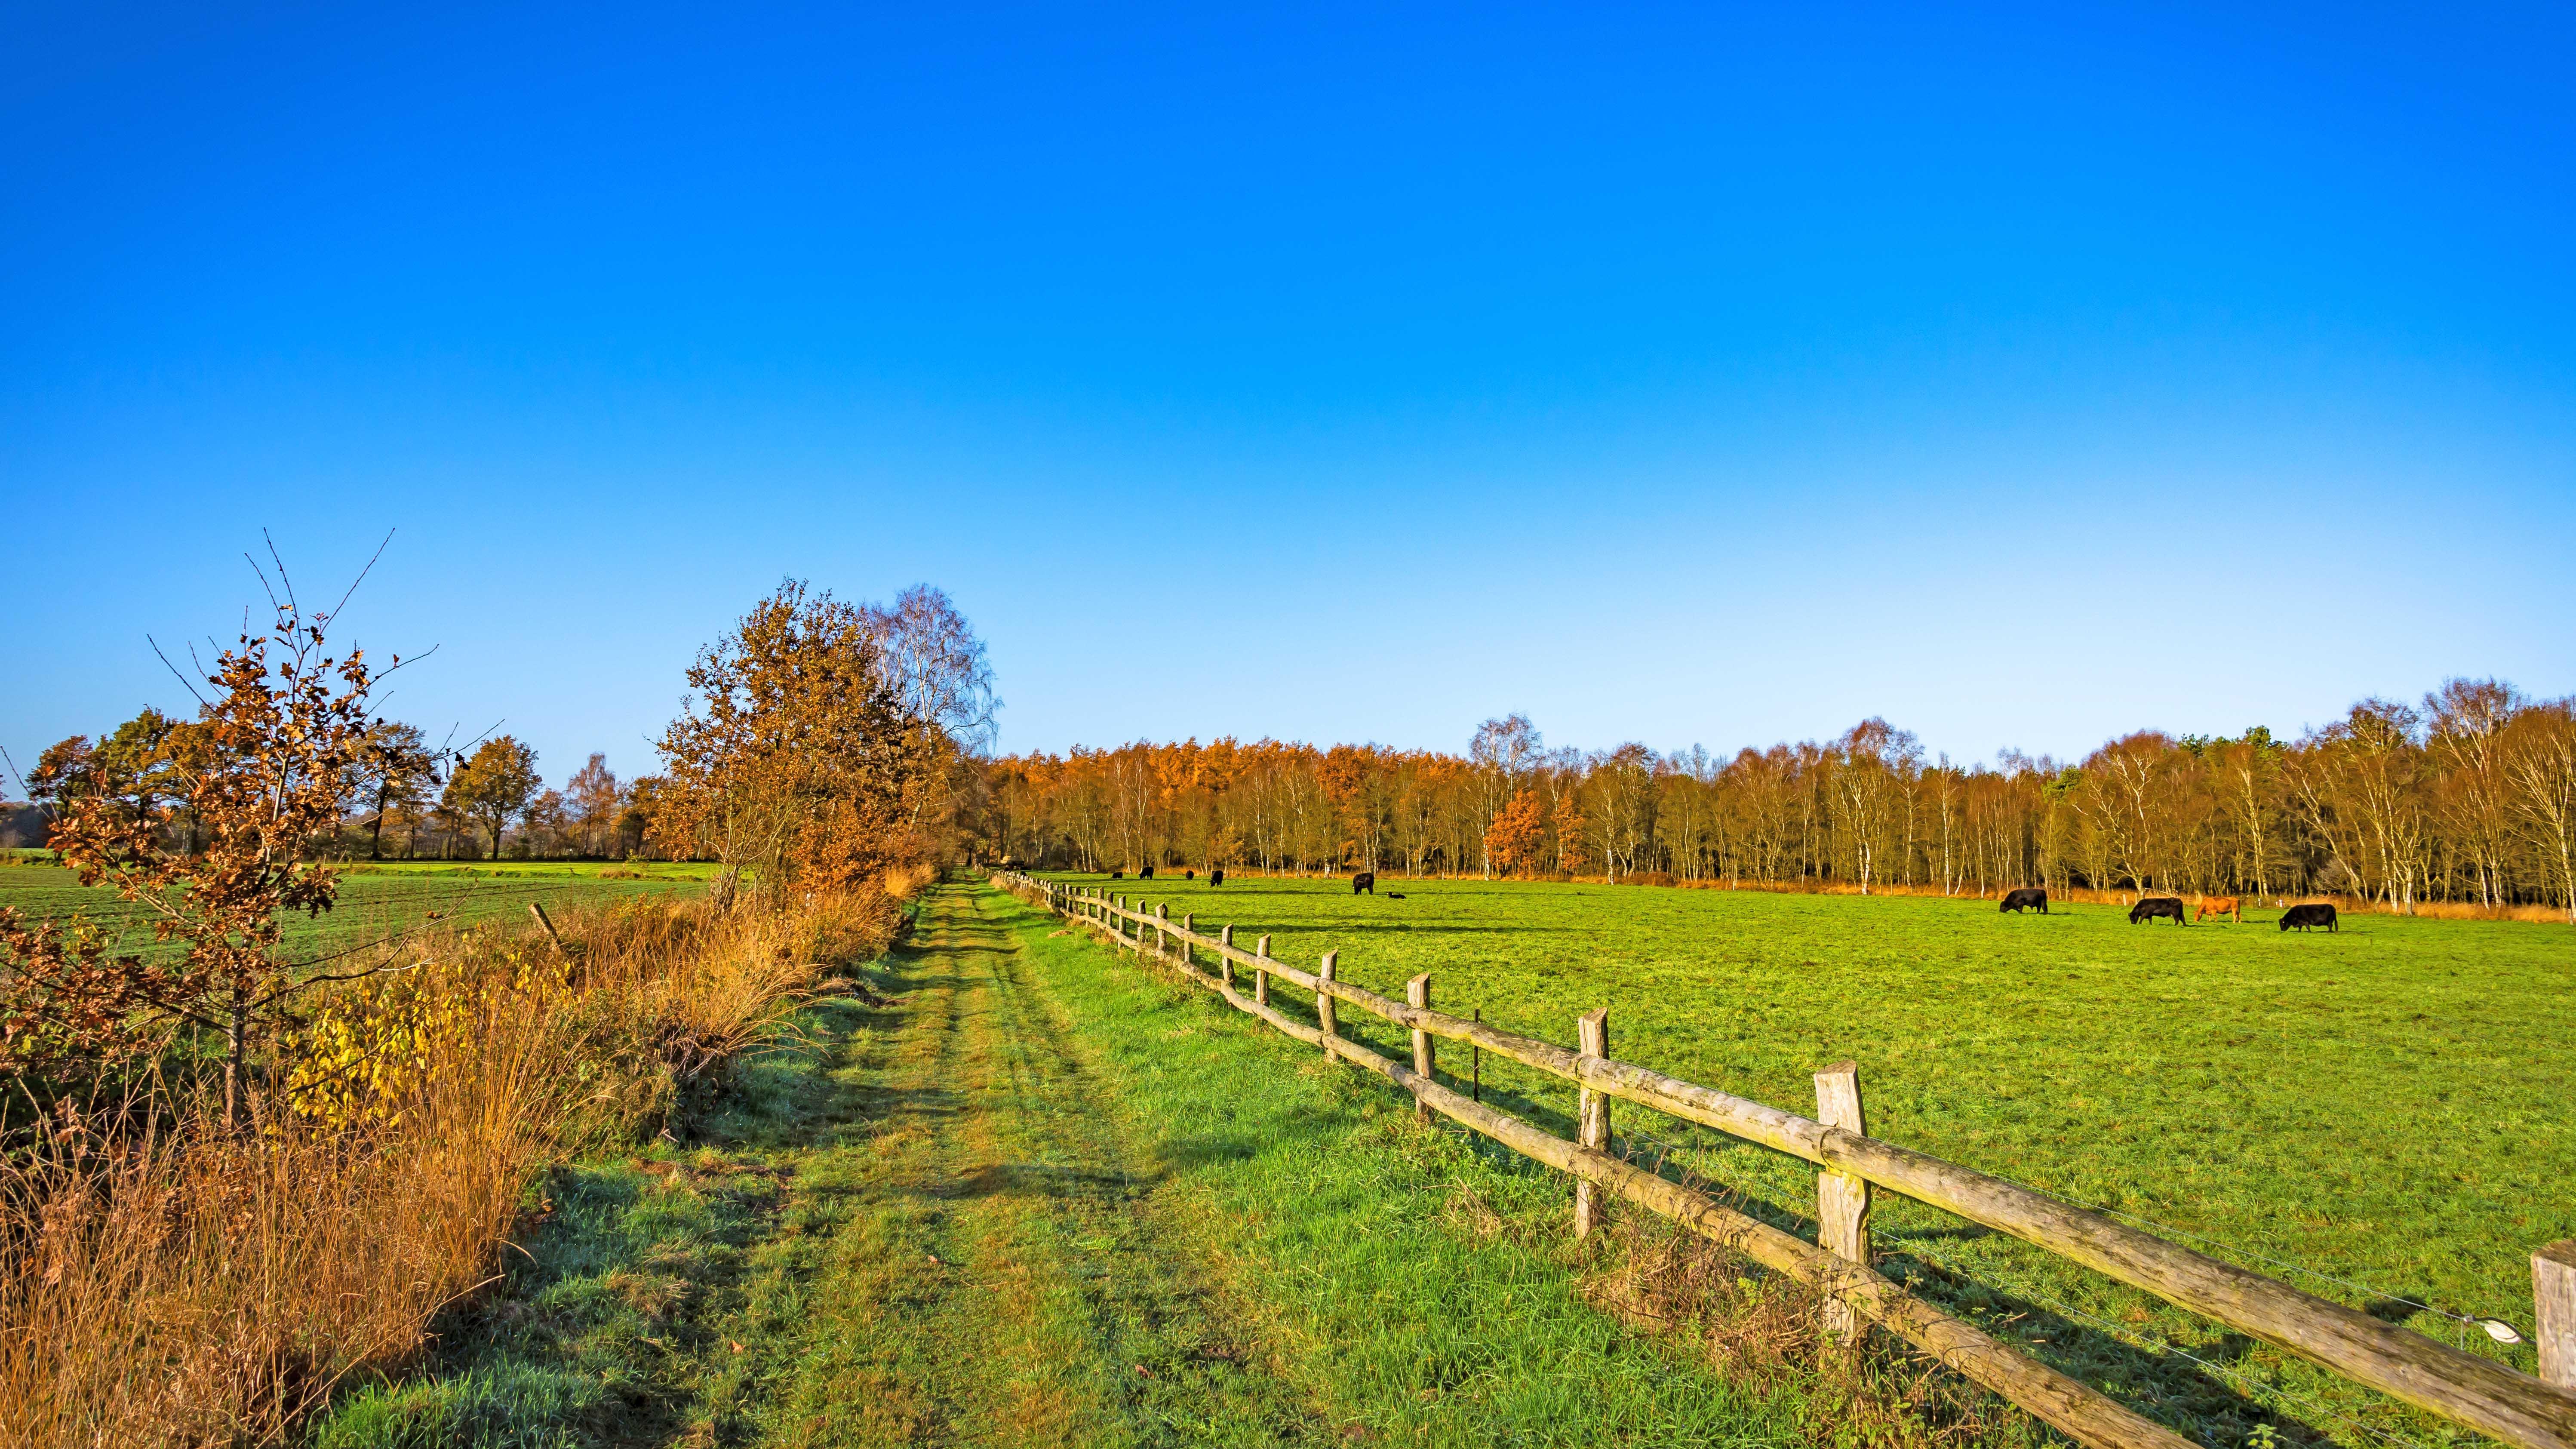 Raus aus dem Moor - auf naturnahen Wegen entlang von Weide und Wiesen